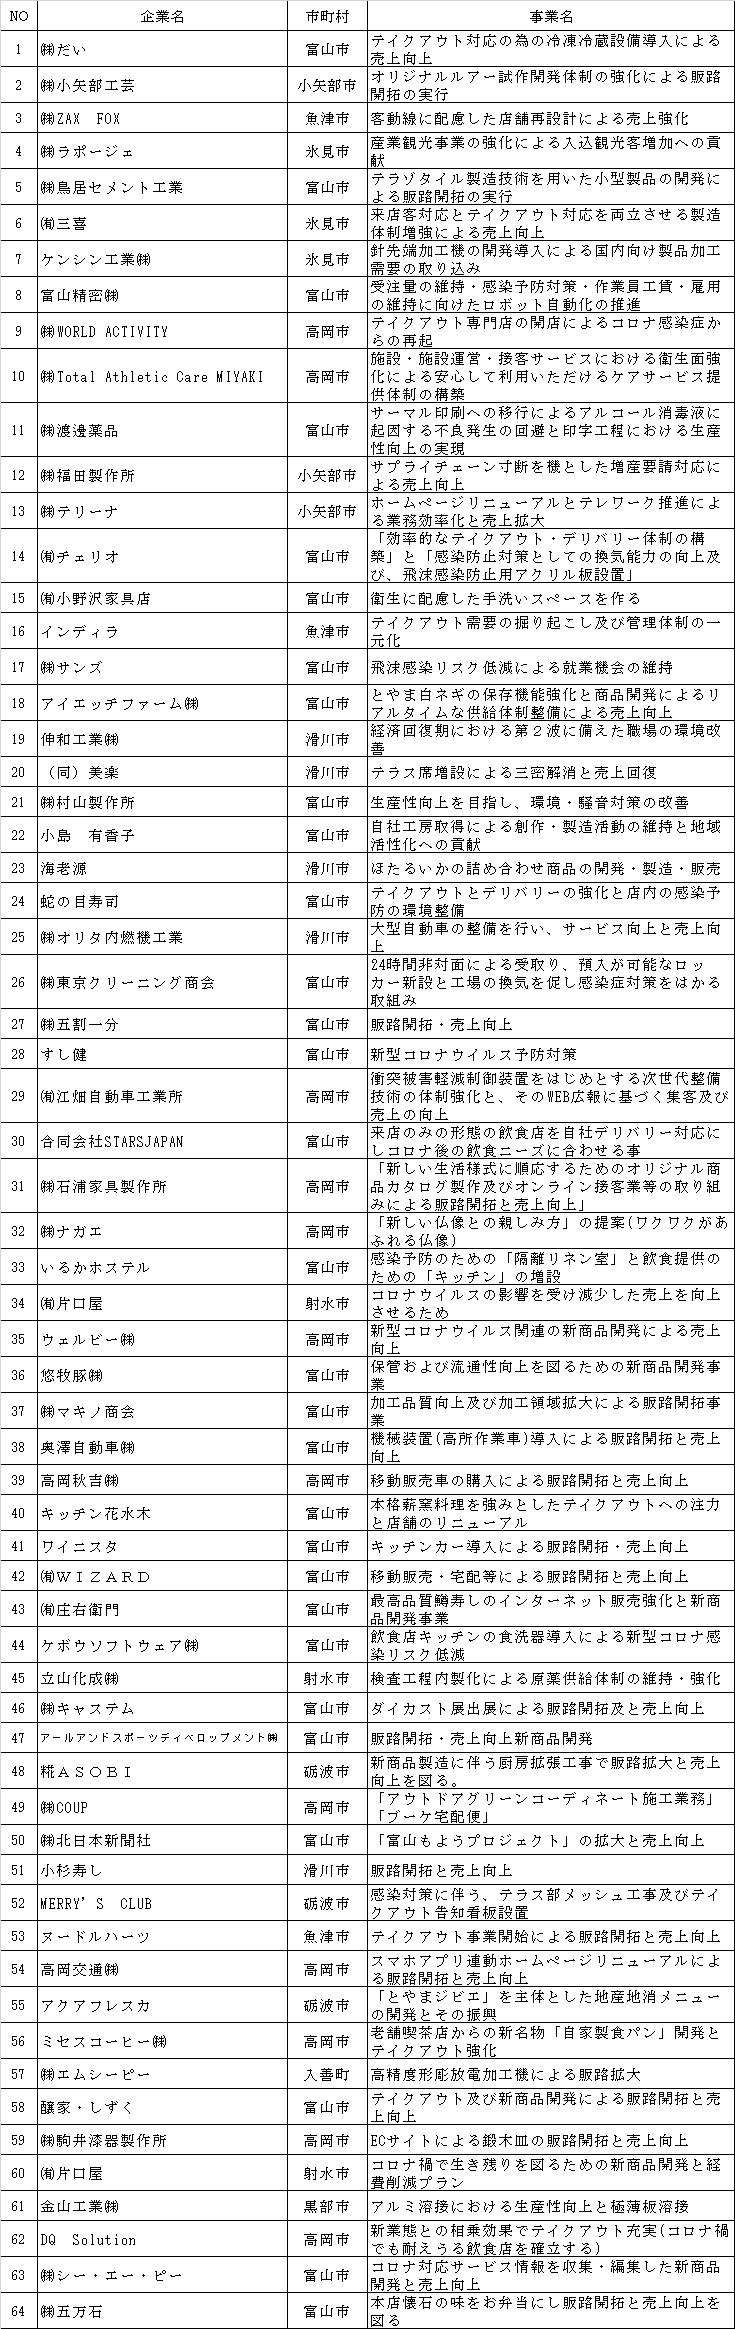 富山県地域企業再起支援事業費補助金交付先の結果について